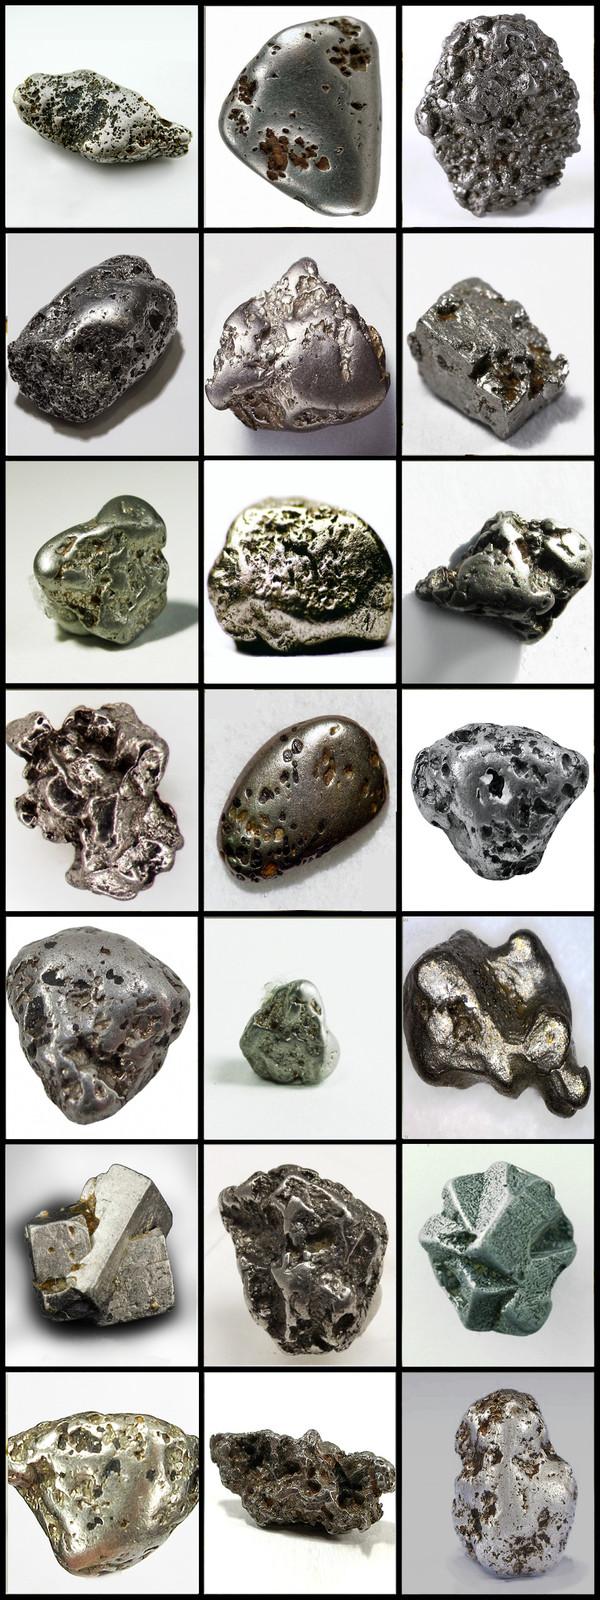 Разнообразные формы платиновых самородков Металл, Платина, Химия, Лига химиков, Самородок, Геология, Длиннопост